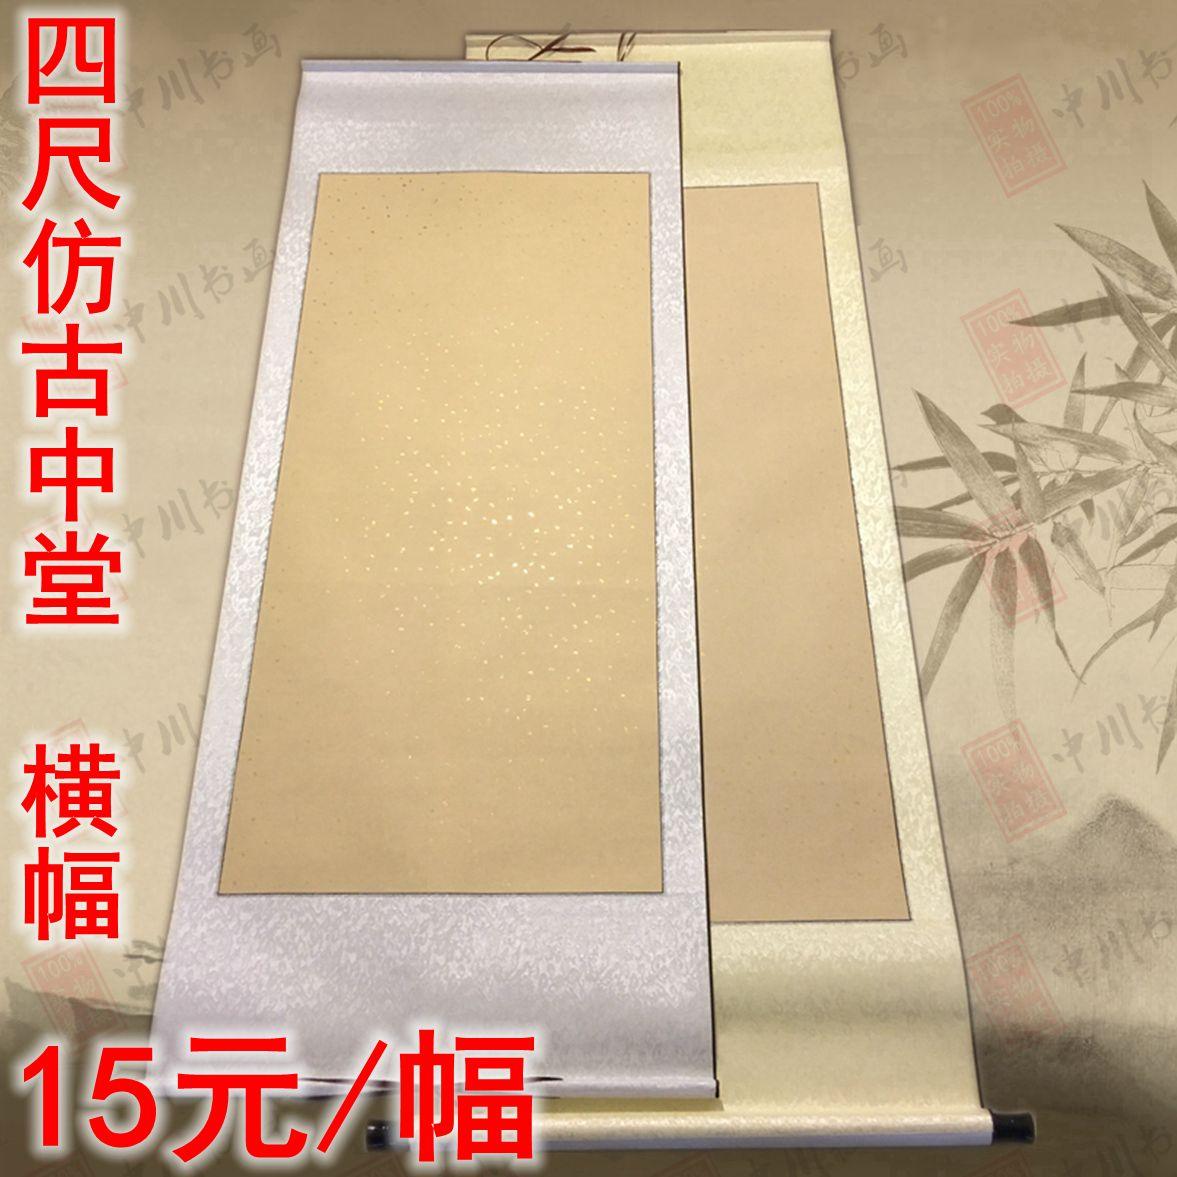 宣纸空白书法卷轴四尺中堂横批横幅仿古生宣烫金精裱挂轴画轴批发